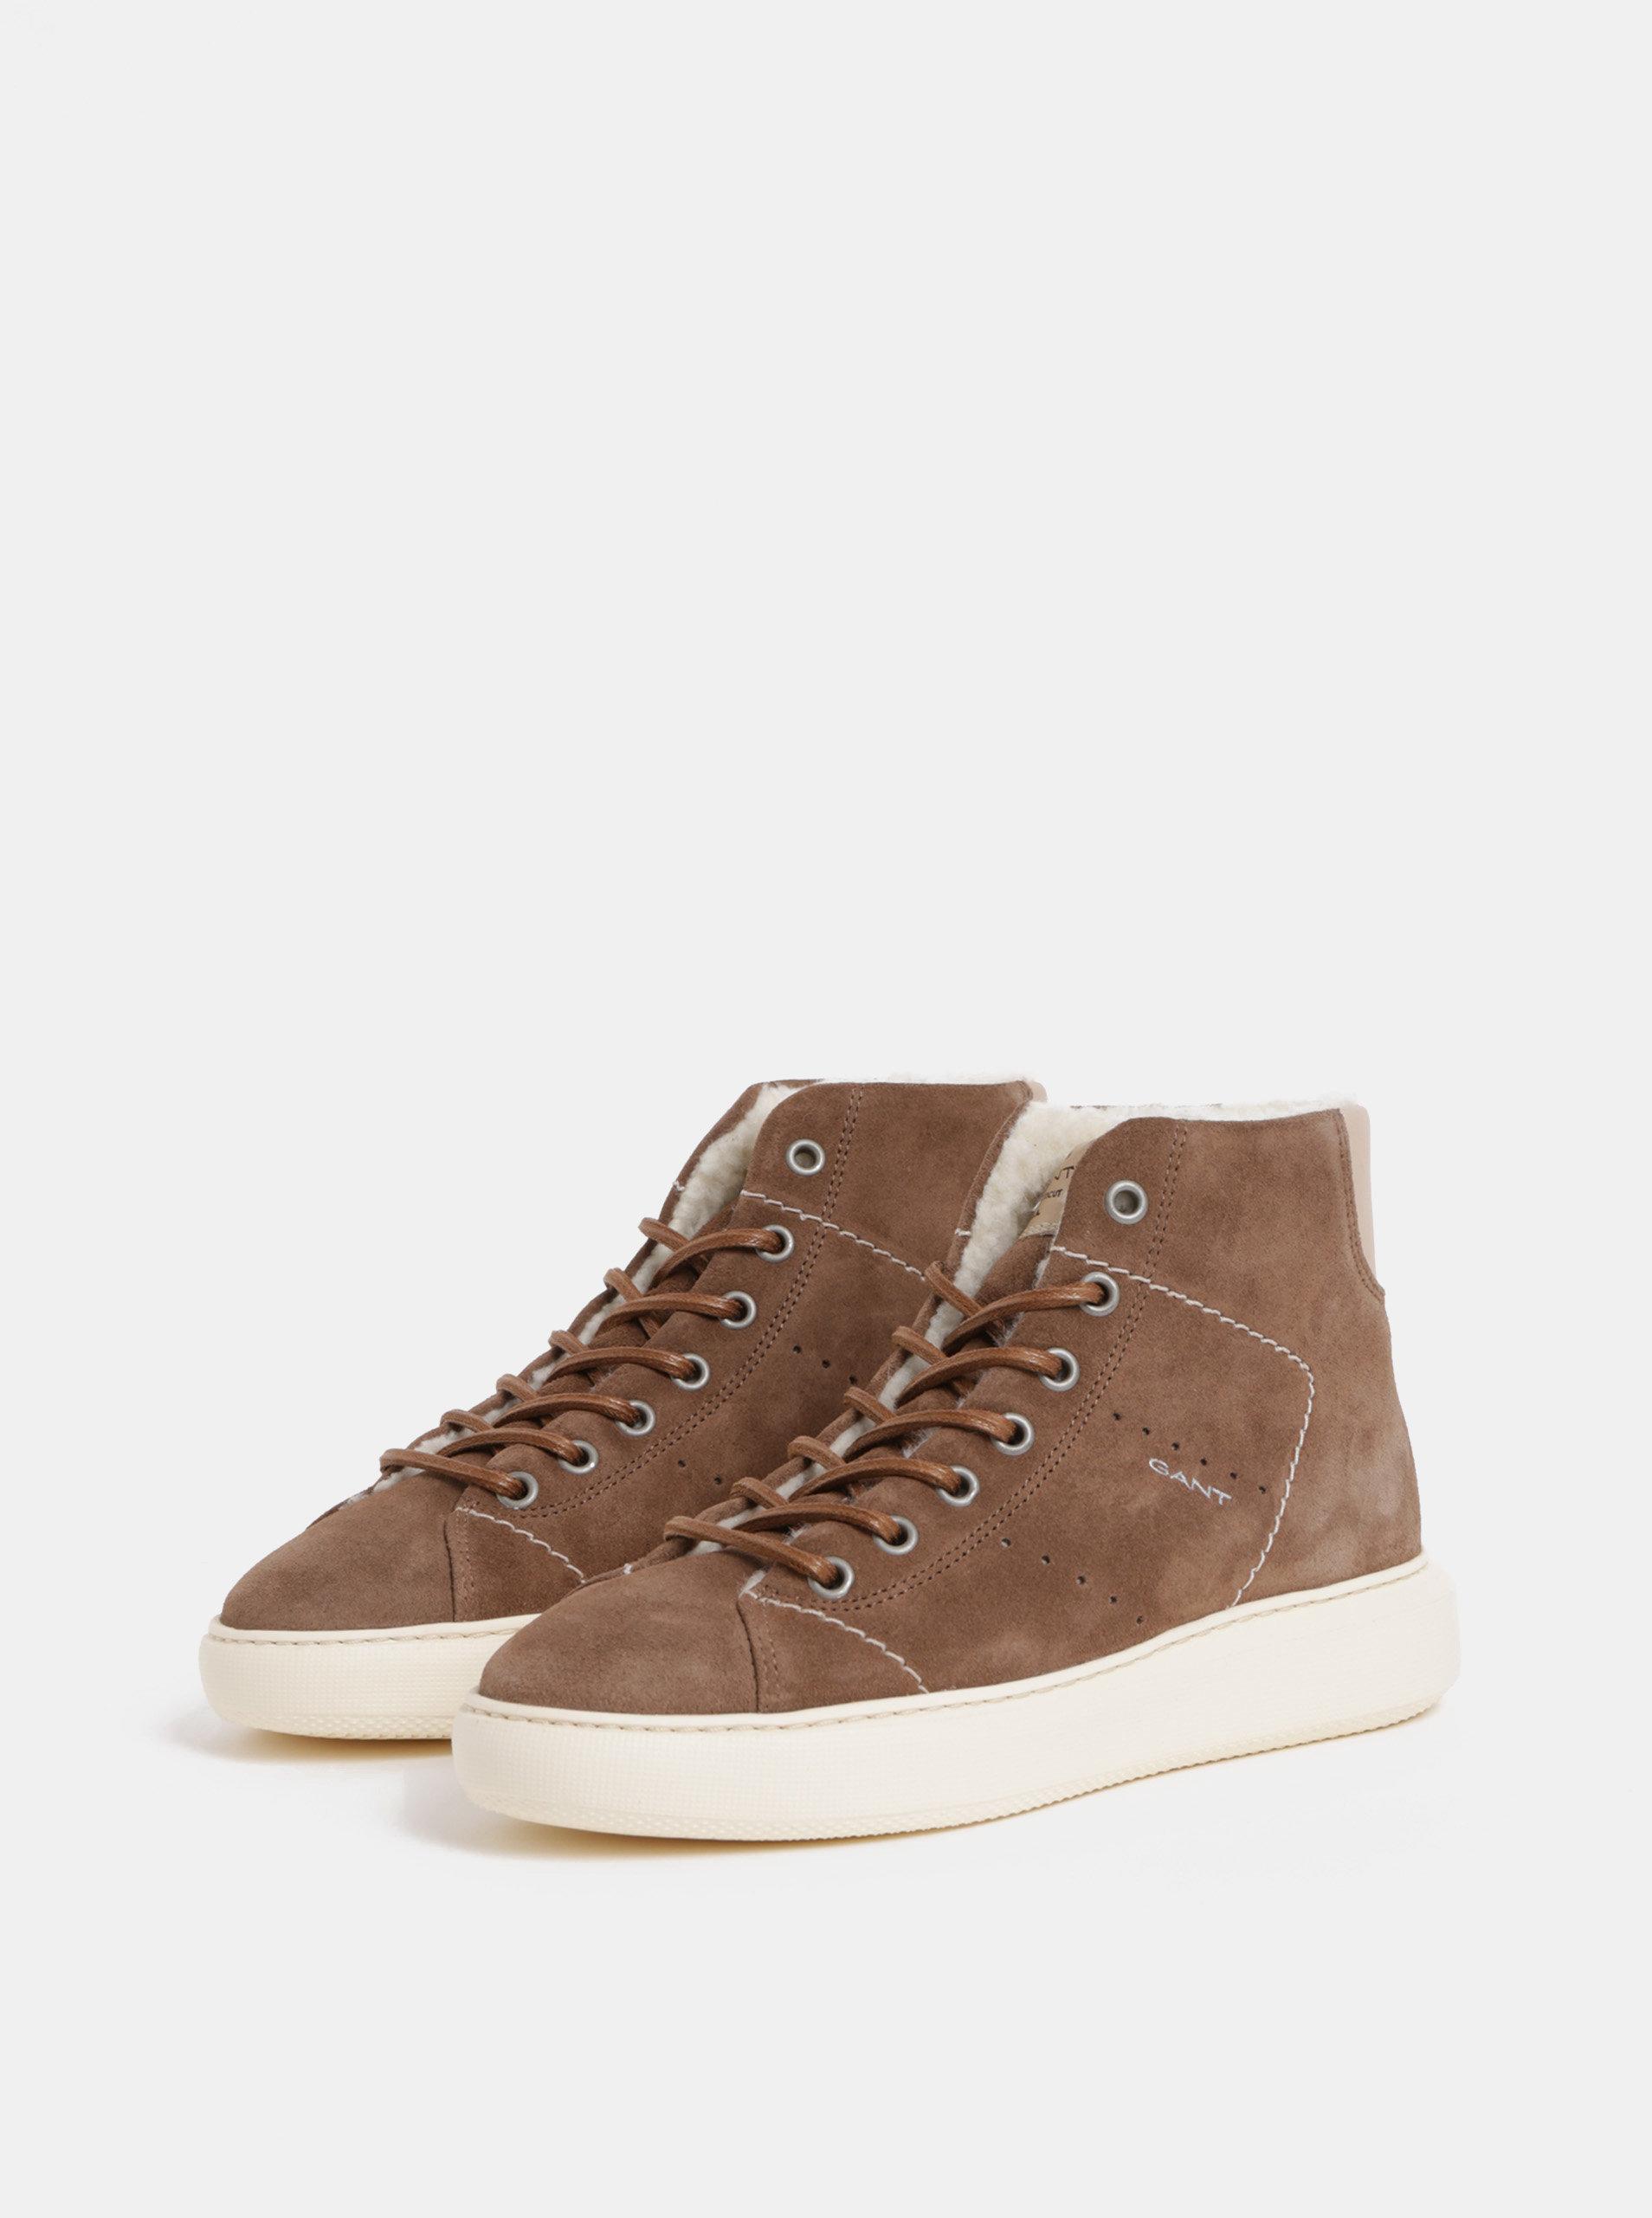 1dad667ab Hnedé dámske semišové členkové zimné topánky s vlnenou podšívkou GANT Kay  ...